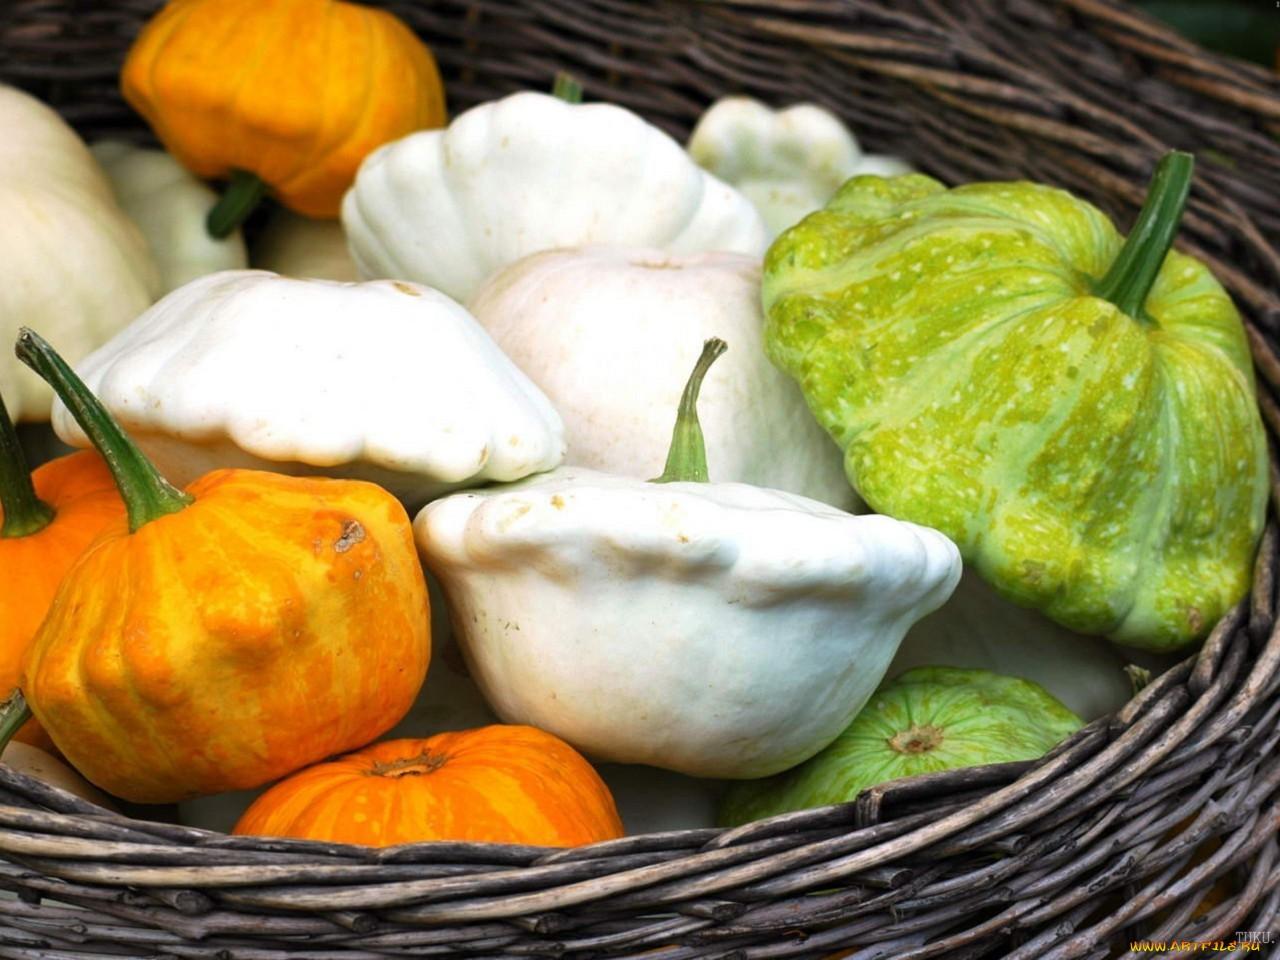 патиссон купить недорого в москве оптом овощь кабачок корзина белый зеленый оранжевый png